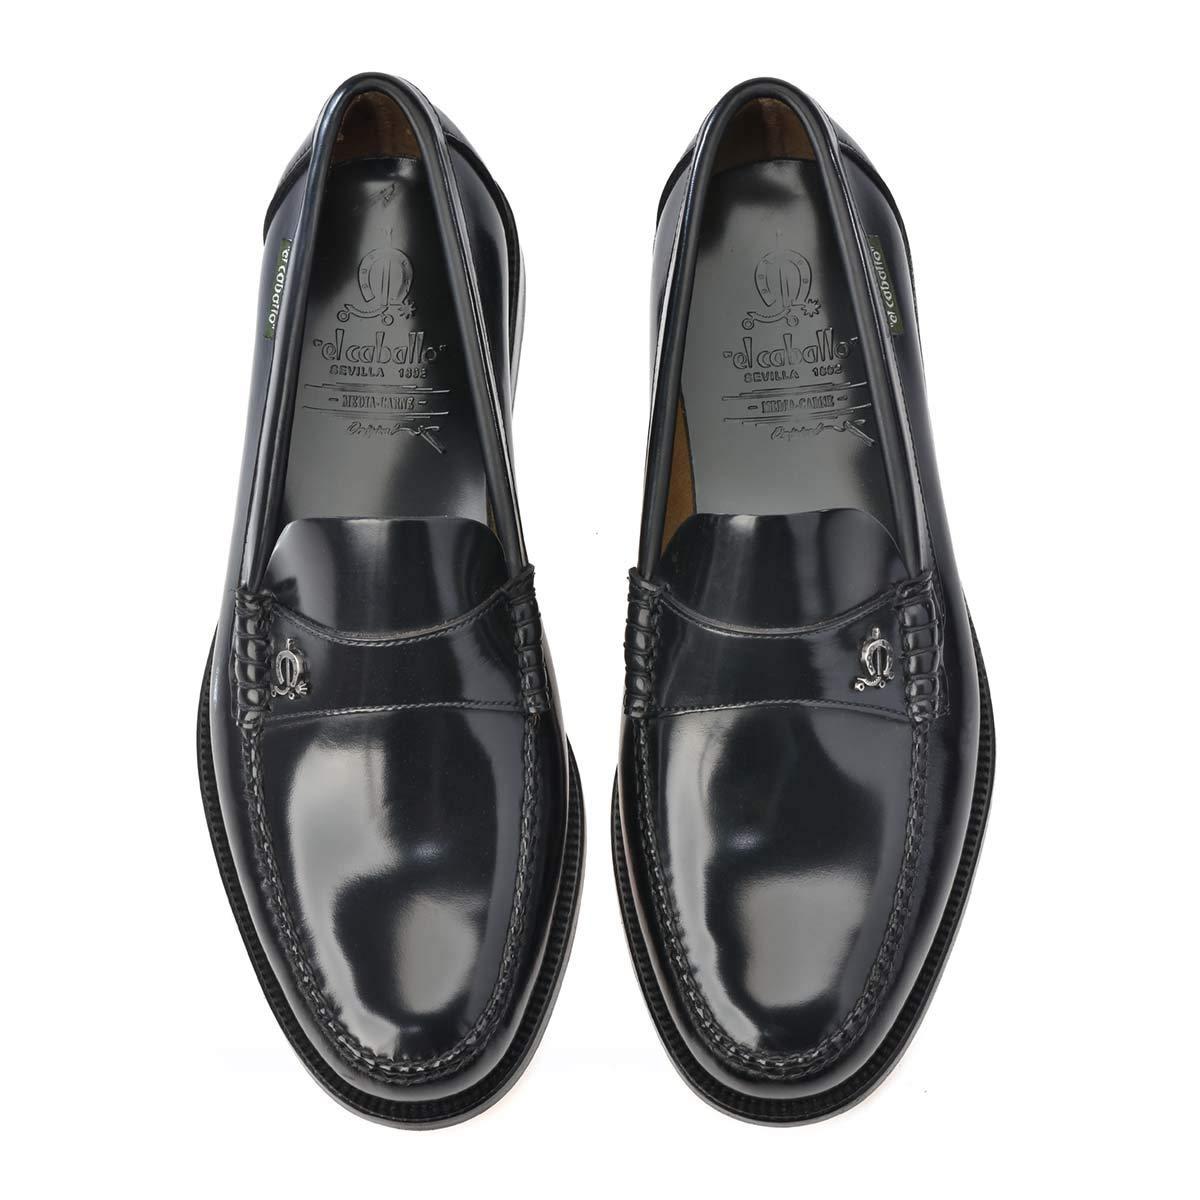 606EC Negro Talla 45 - Zapato de Hombre El Caballo 606 Negro (Talla Calzado: 45) - Otoño-Invierno 2018/28 Zapatos de Piel: Amazon.es: Zapatos y complementos